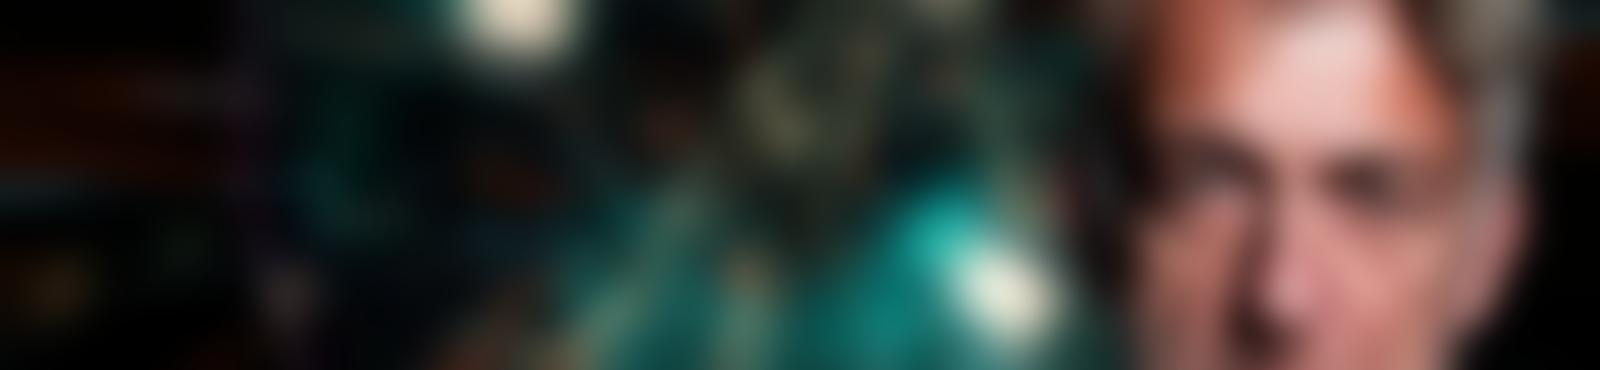 Blurred ad415c7d 016c 4fba 94ea 4d024d0f6d32